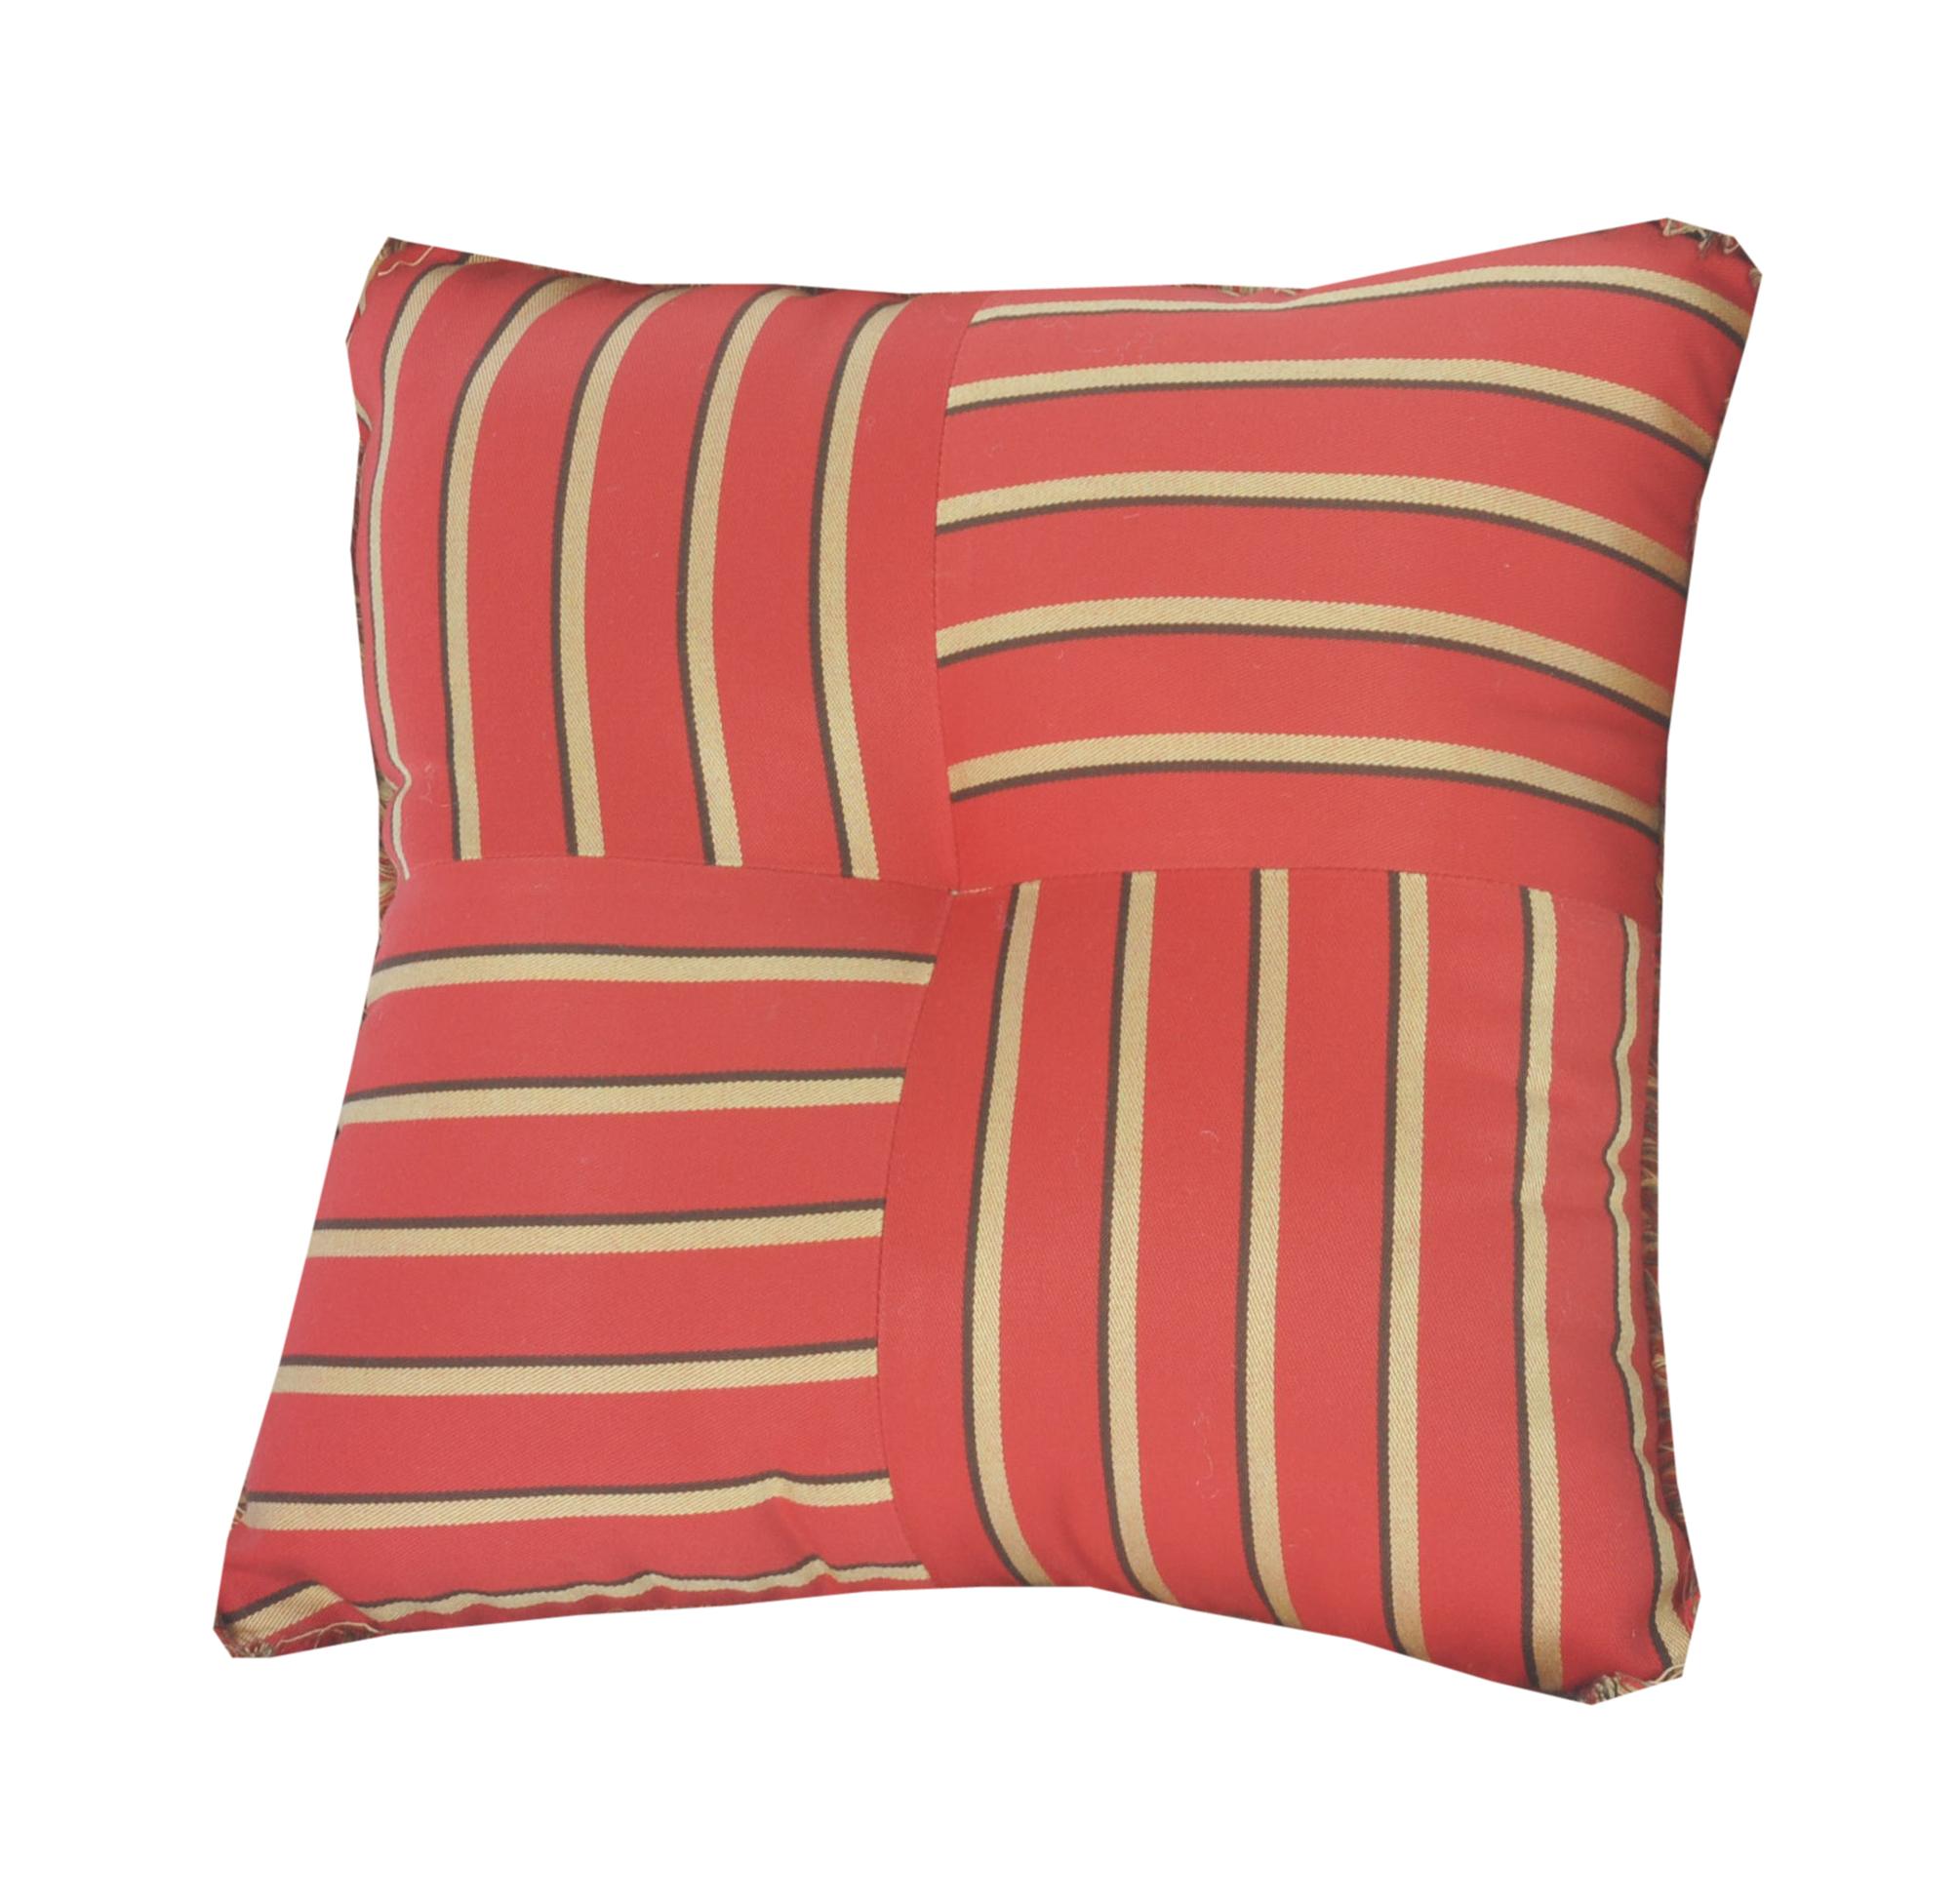 Quilted Throw Pillow IndoorOutdoor 16 Square Sunbrella